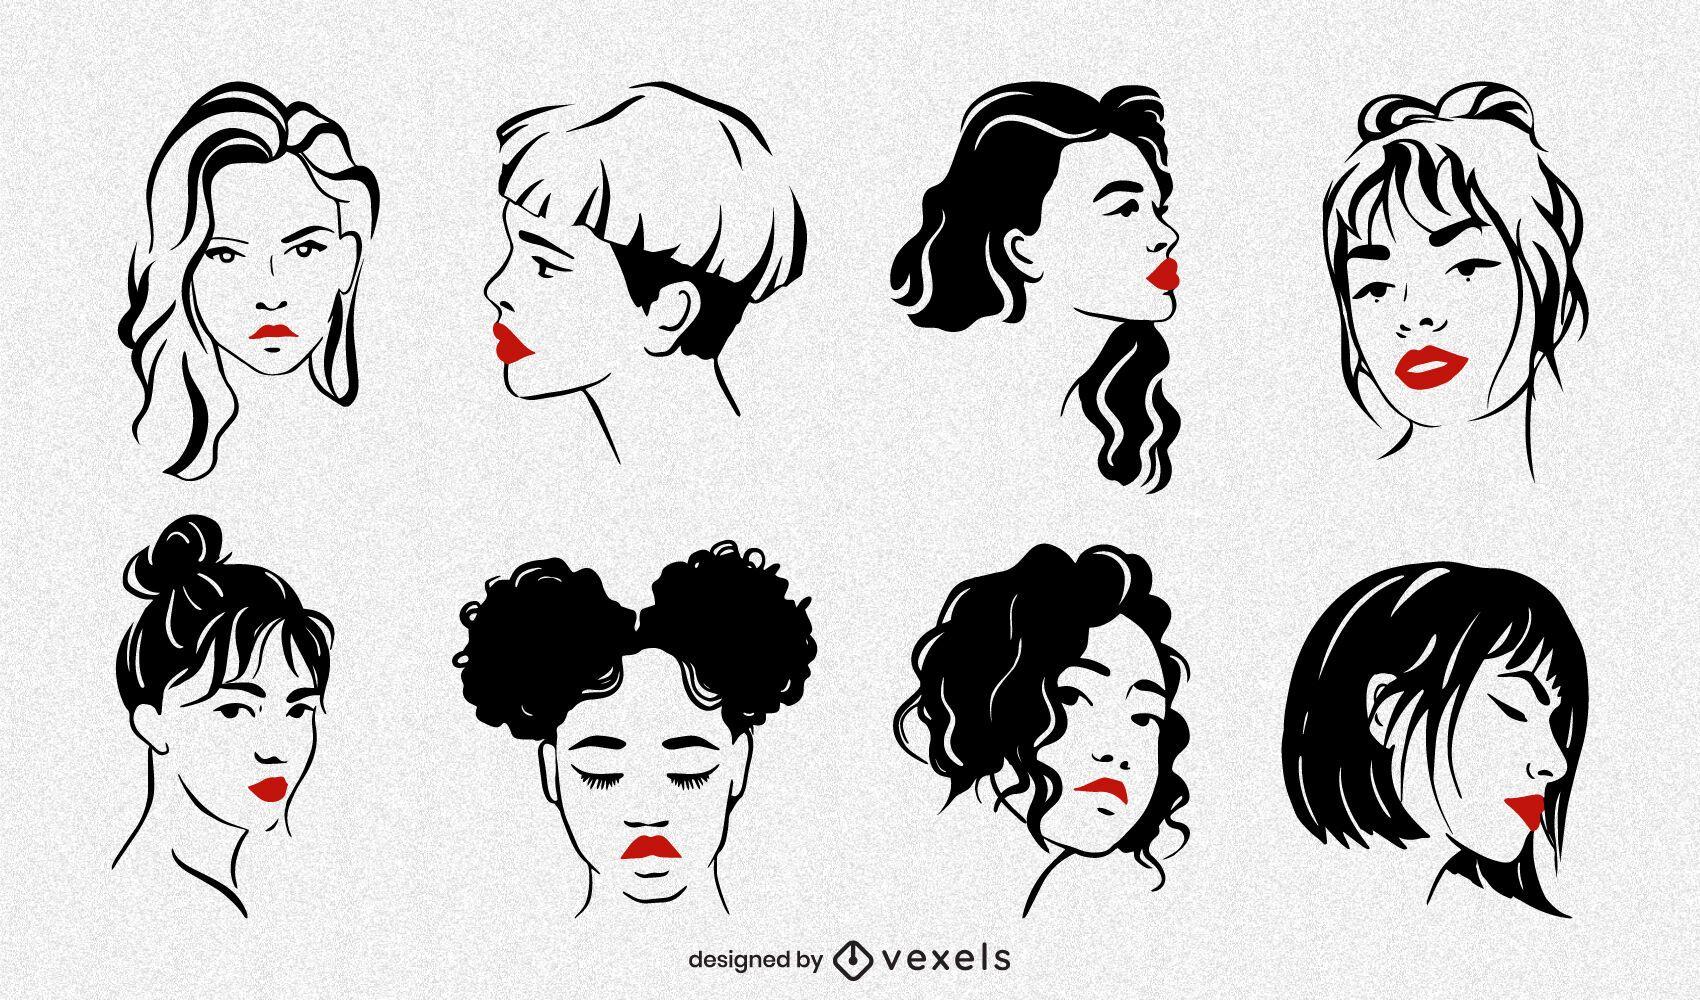 Women faces illustration set